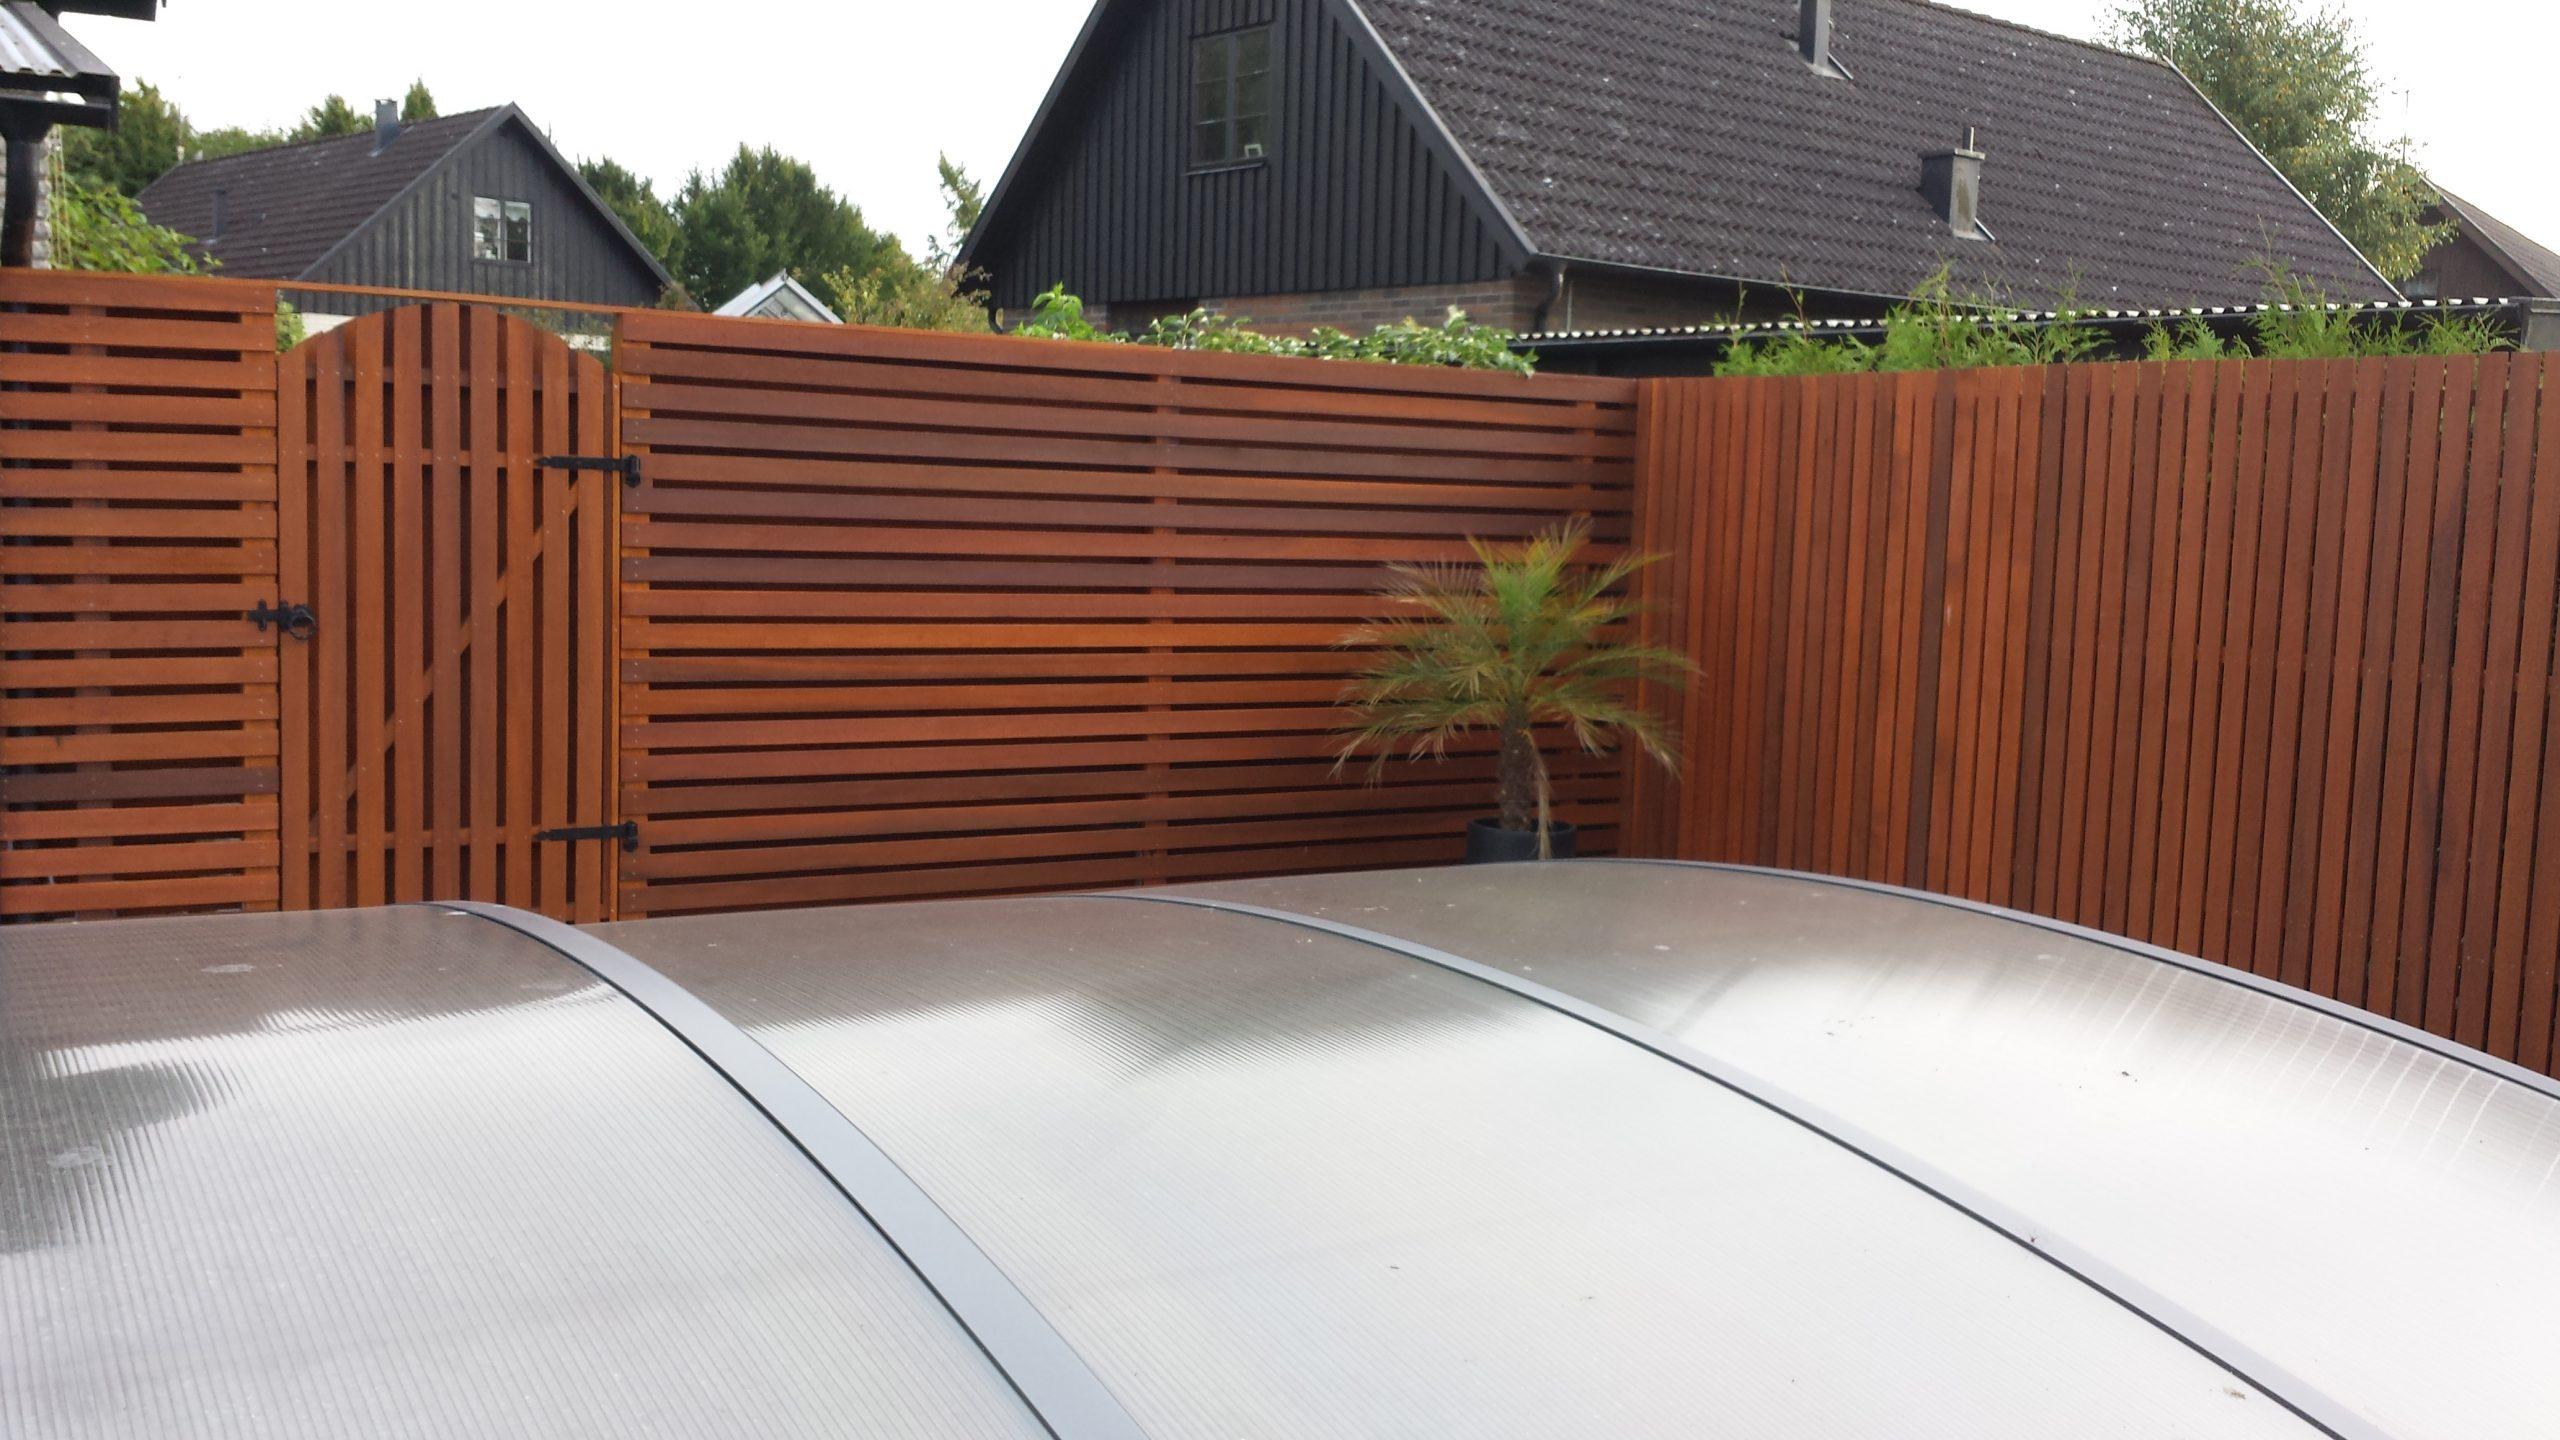 cederträ röd staket